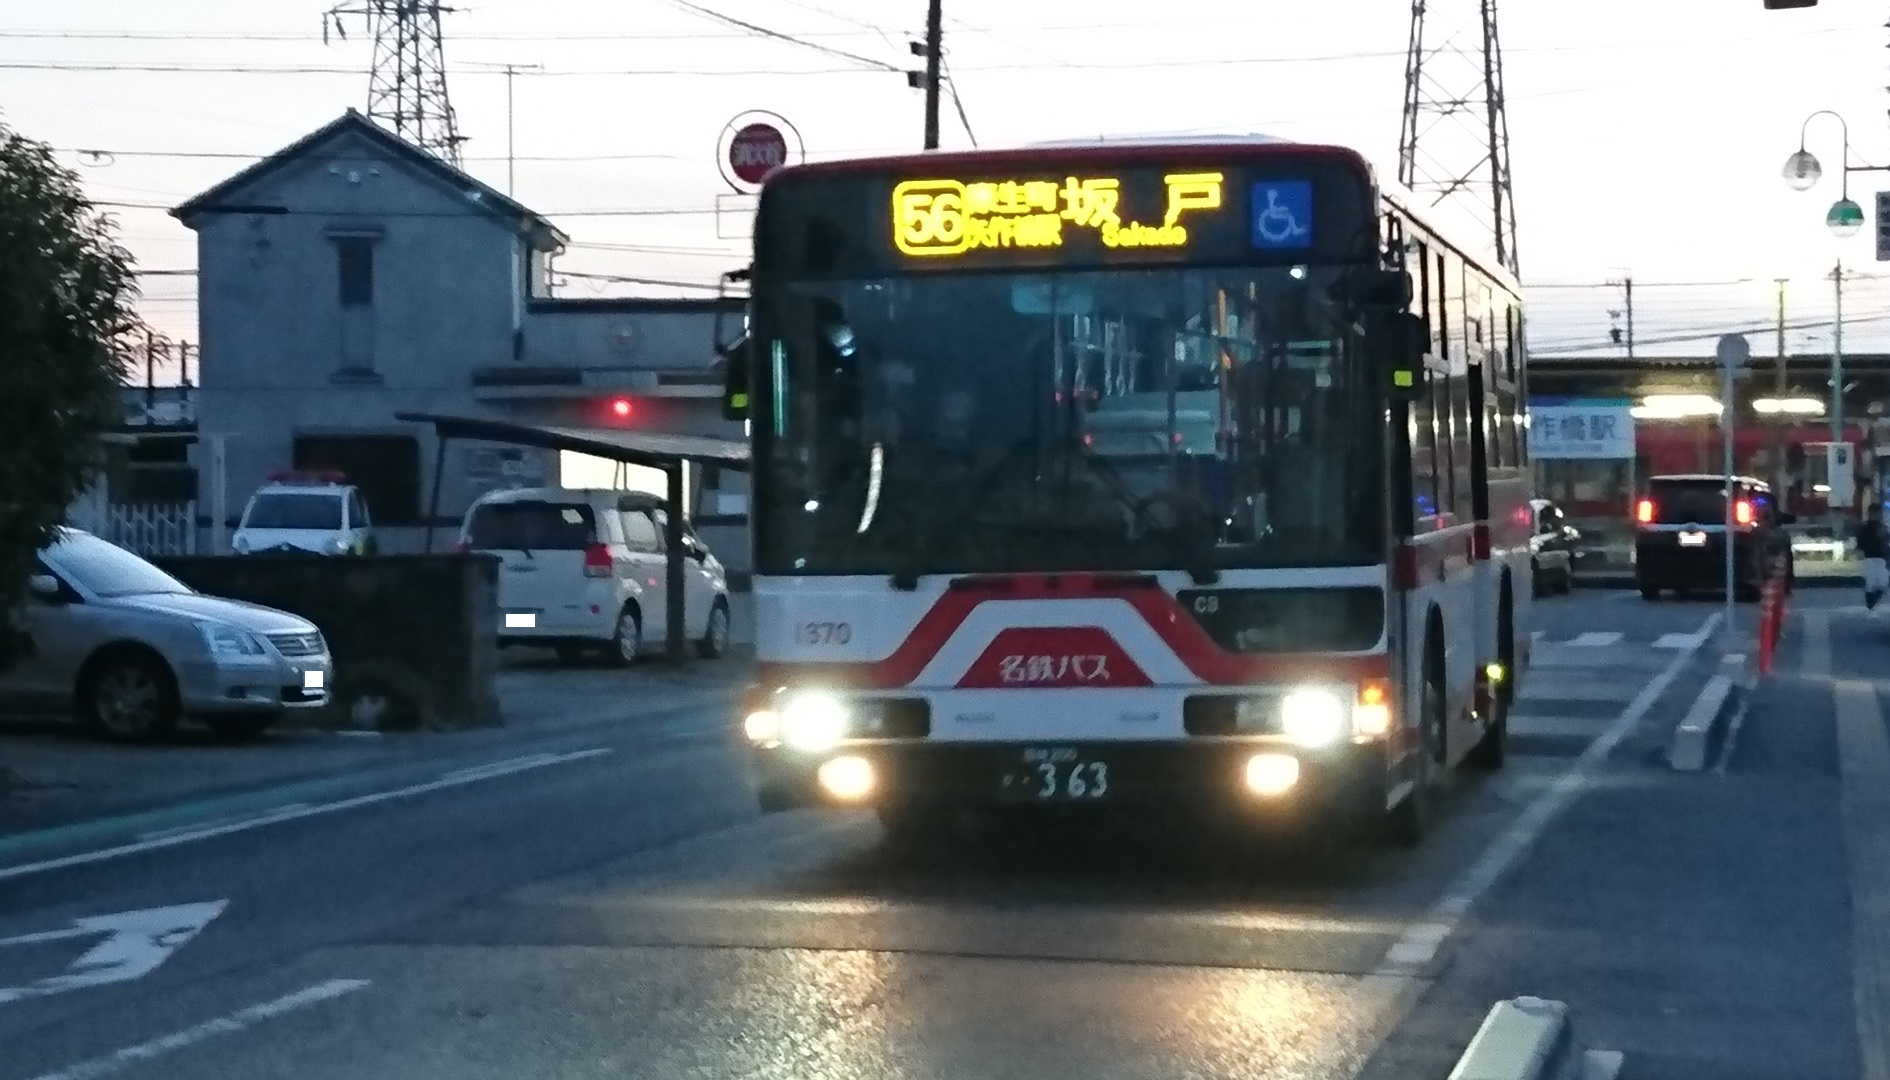 2016.12.18 矢作橋駅バス停 - 名鉄バス (2) 1890-1080